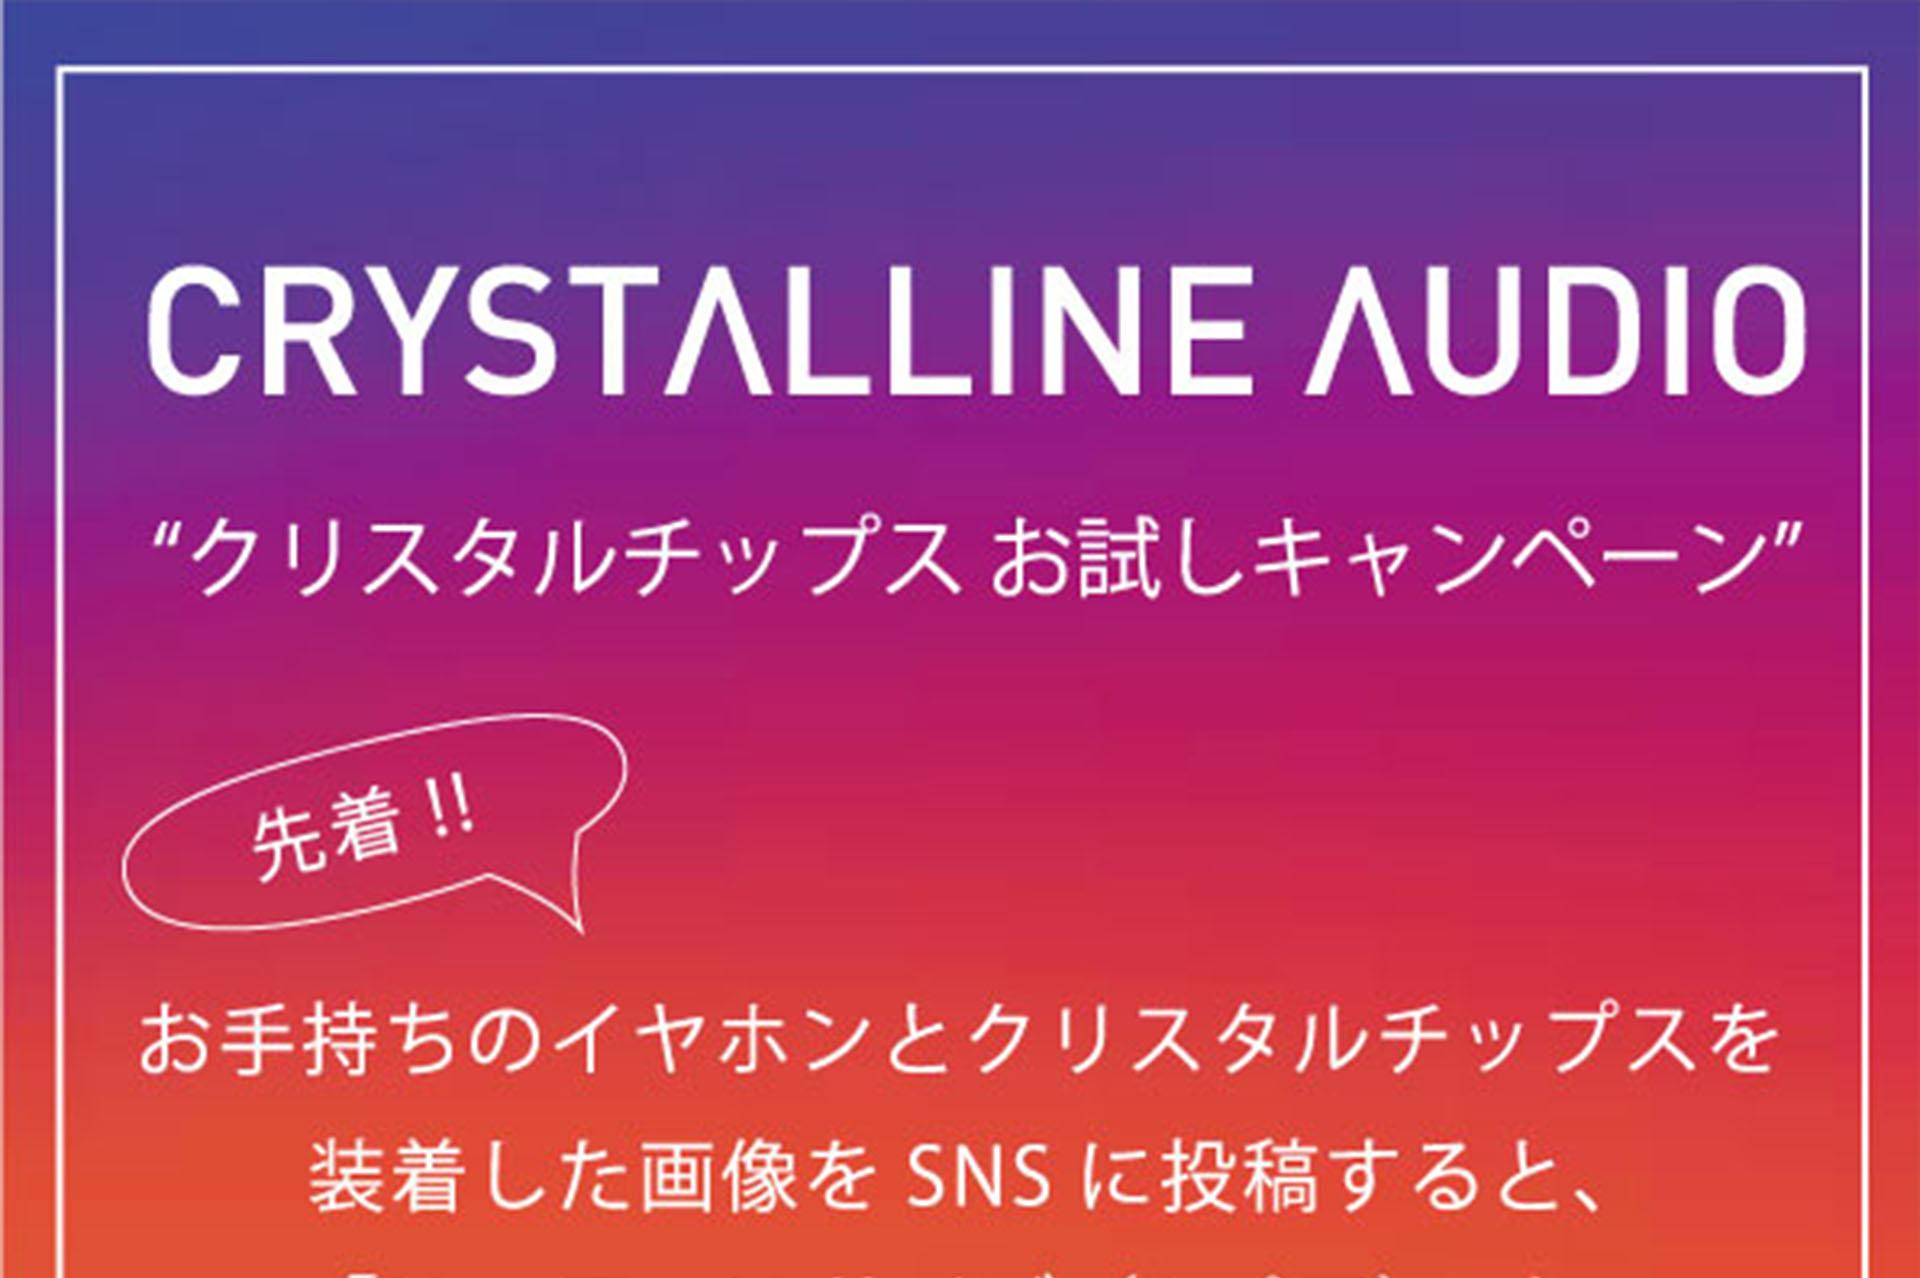 【CRYSTALLINE AUDIO】クリスタルチップス お試しキャンペーン